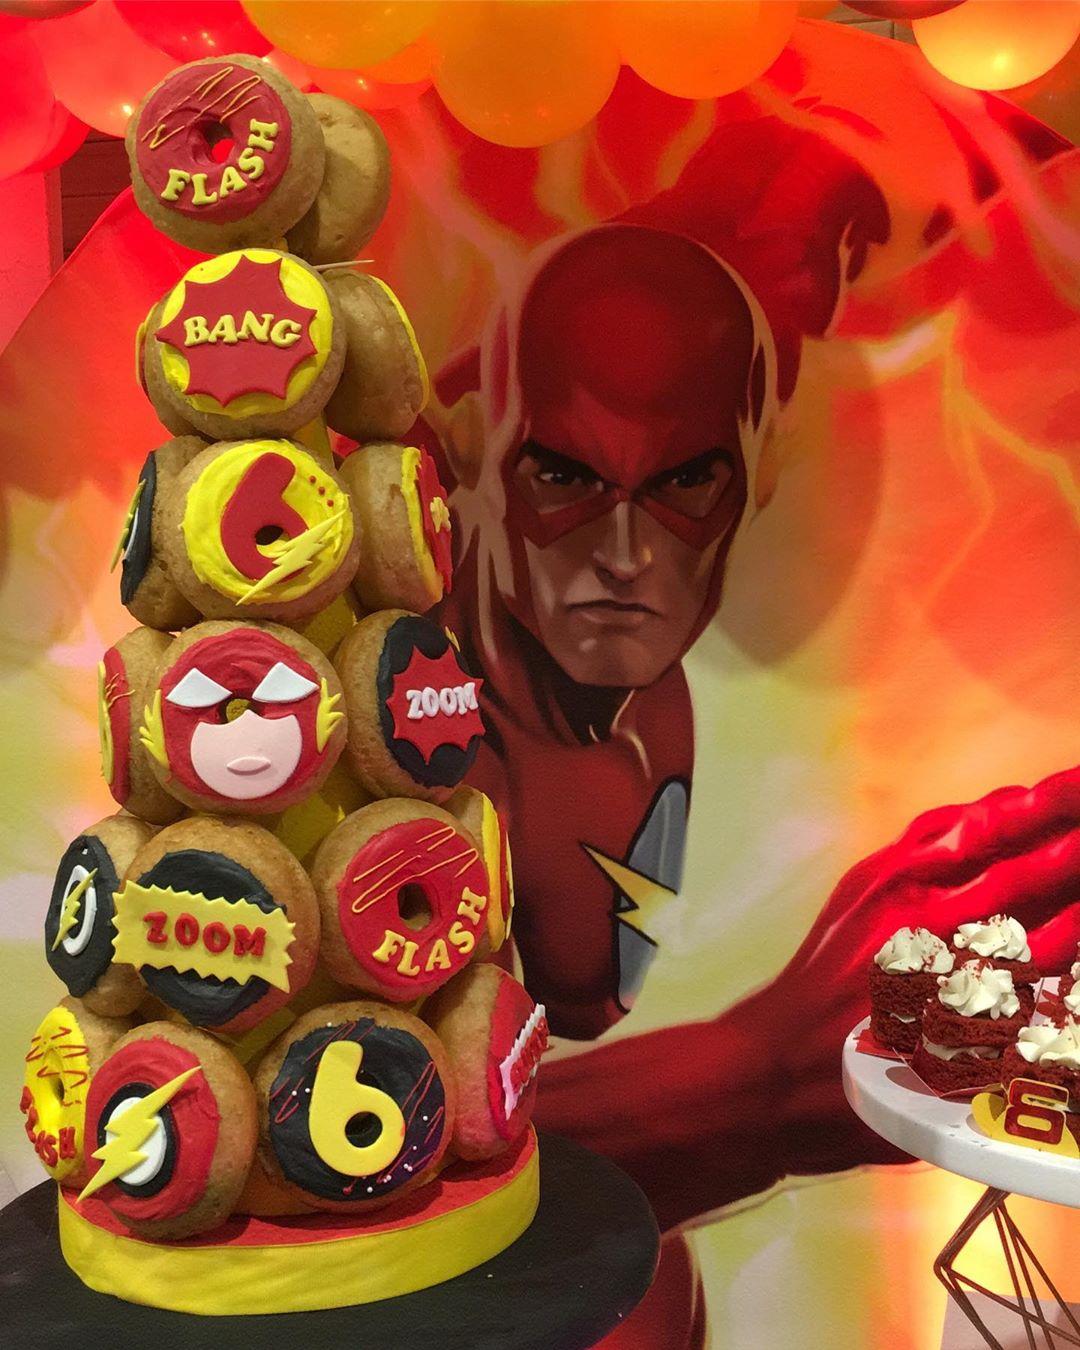 mesa de dulces para fiesta de flash